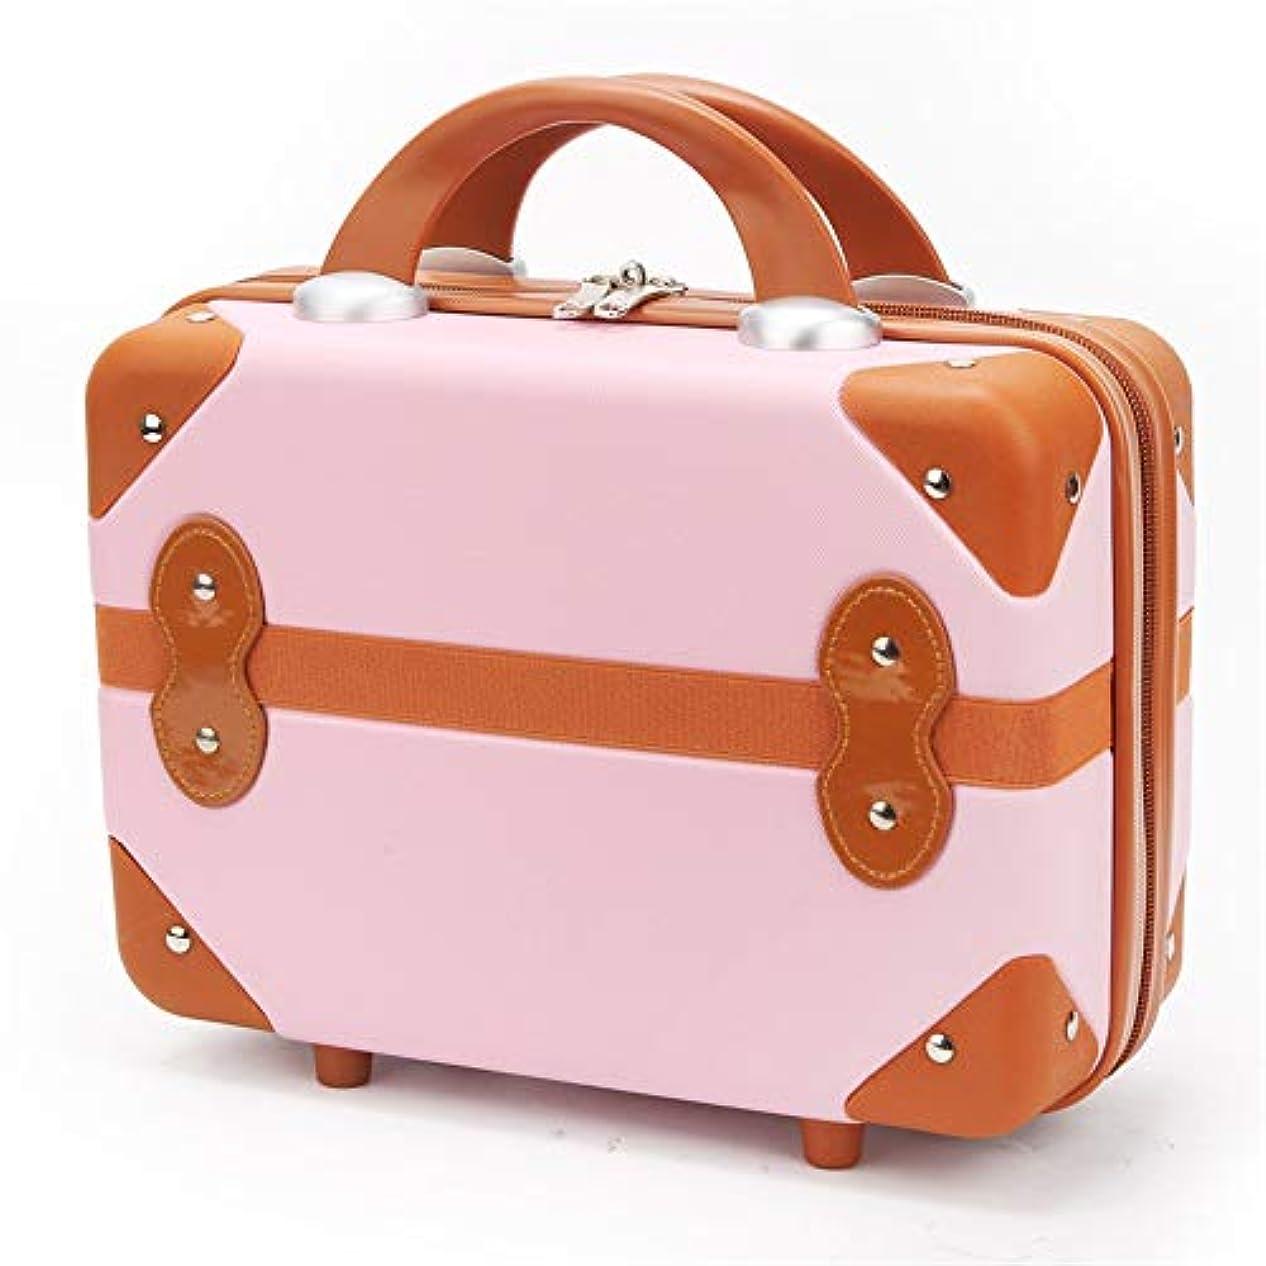 落ち着いたクーポンマッシュ化粧オーガナイザーバッグ 14インチのメイクアップトラベルバッグPUレター防水化粧ケースのティーン女の子の女性アーティスト 化粧品ケース